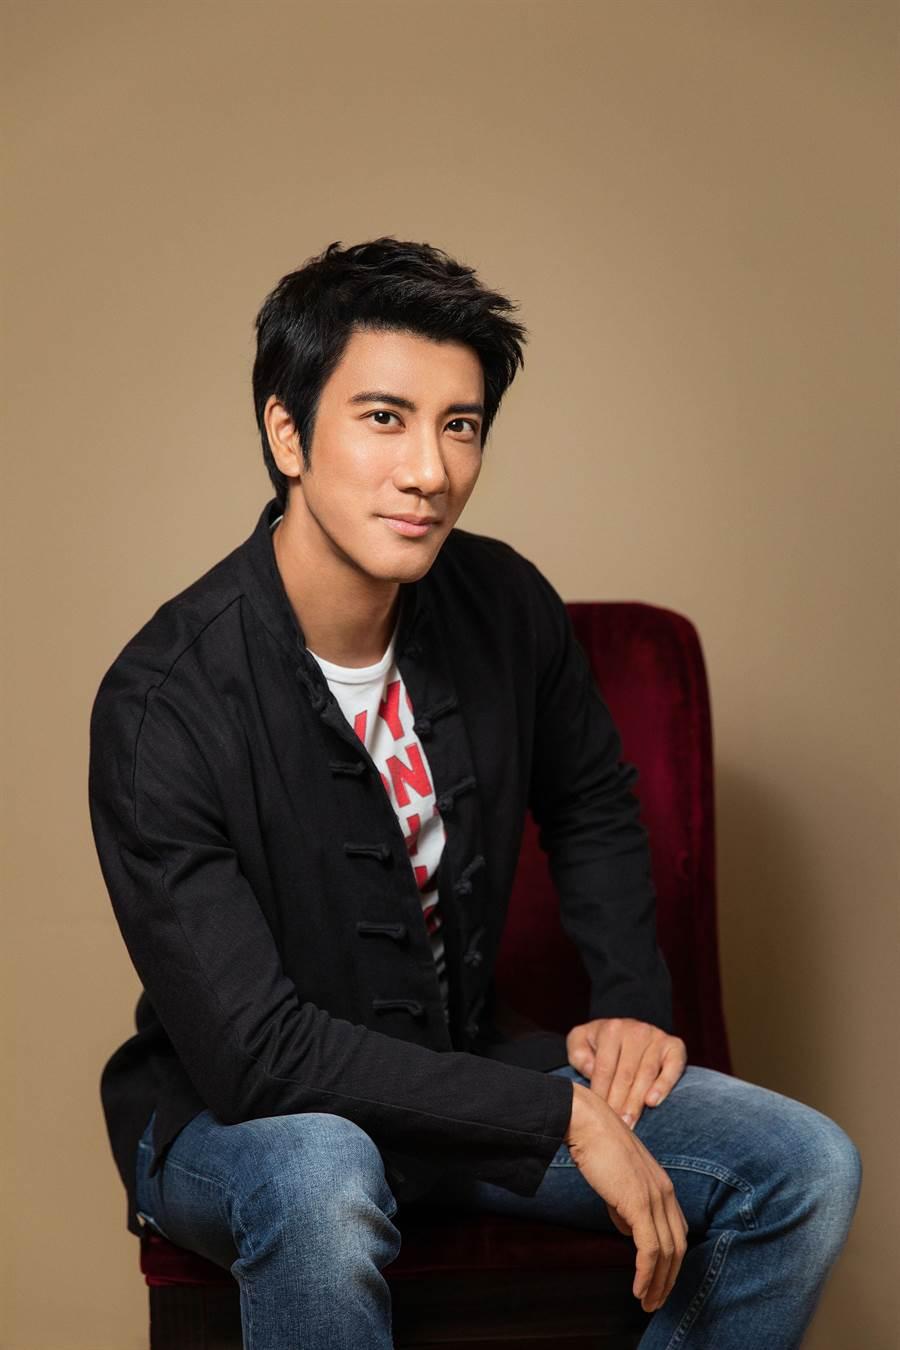 王力宏空降QQ音樂「十大港台歌手」榜首。(翻攝微博)